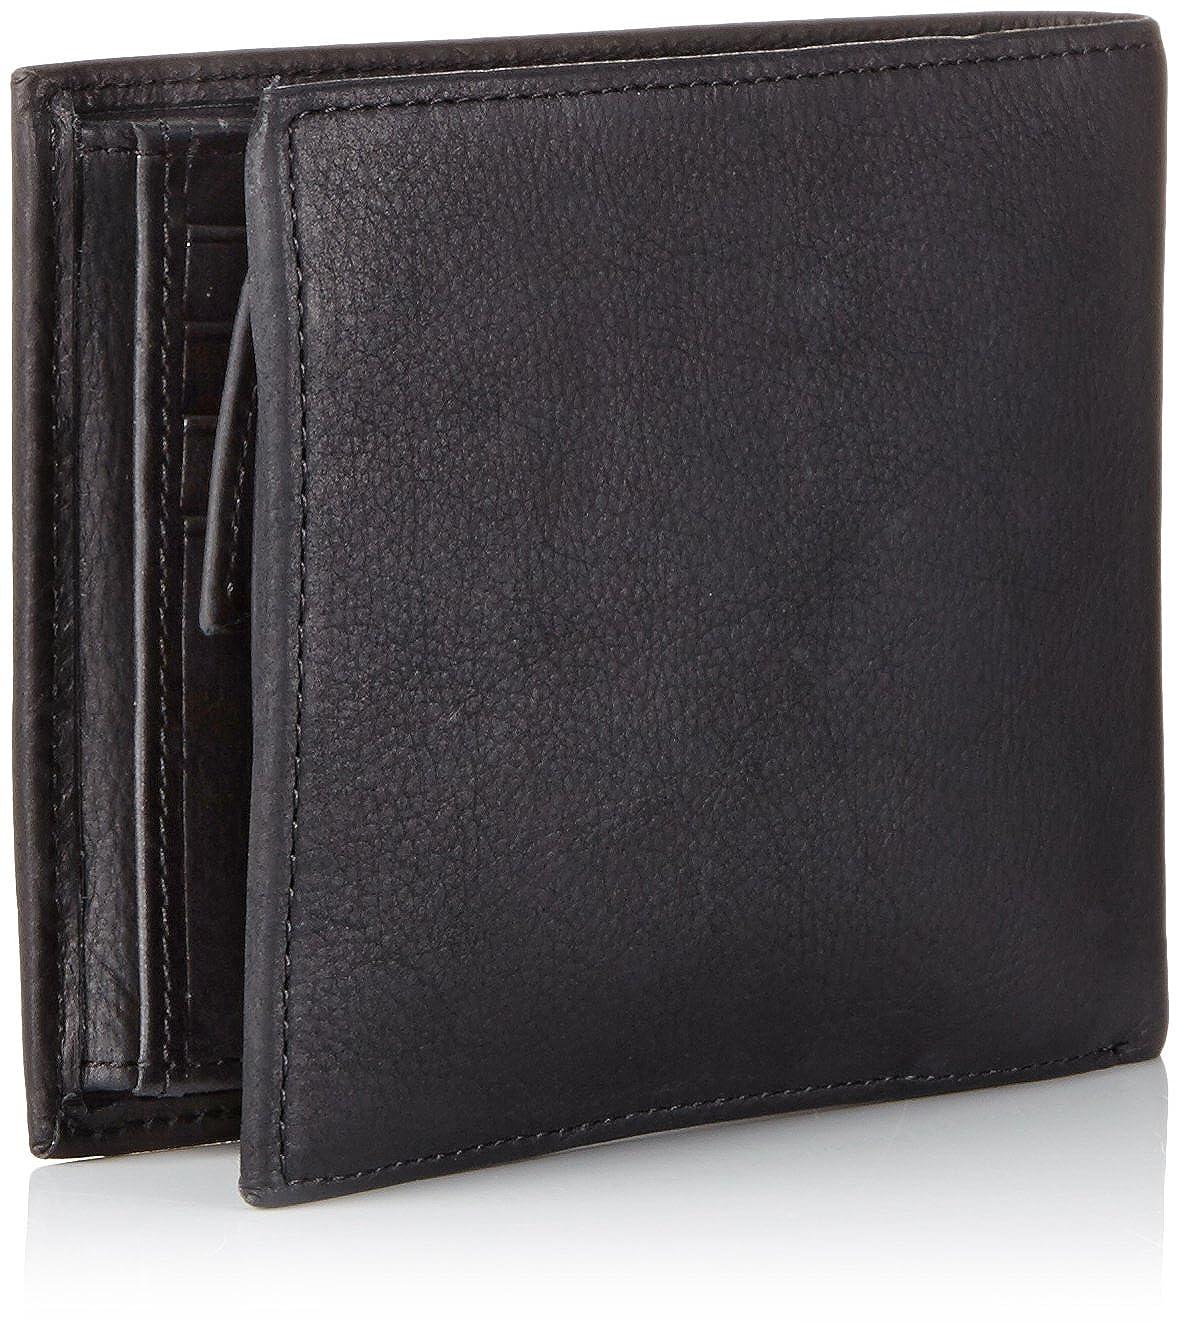 Tommy Hilfiger Johnson Trifold - Cartera para Hombre, Color Black 990, Talla 13x10x3 cm (B x H x T): Amazon.es: Zapatos y complementos